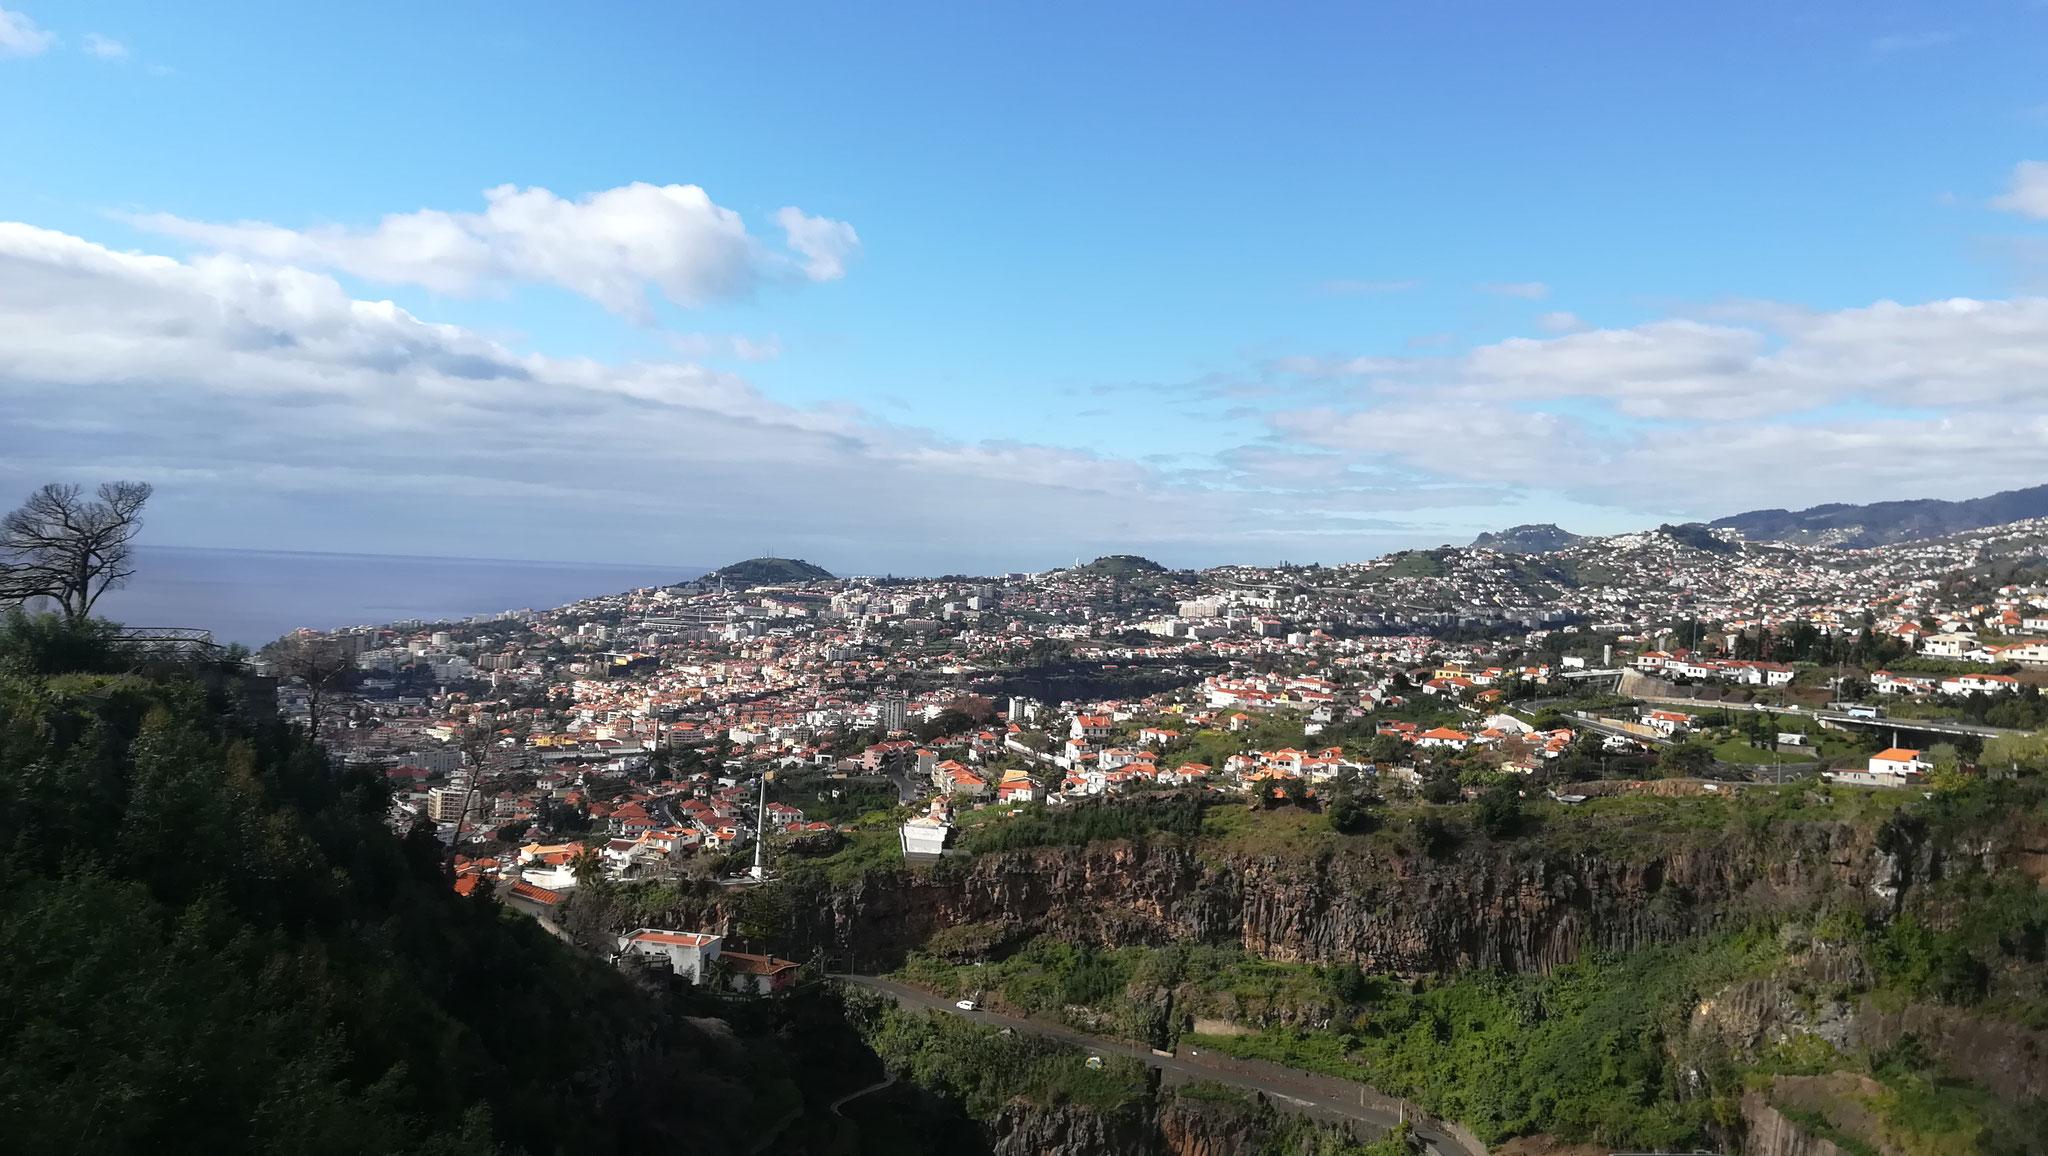 Blick über Funchal vom botanischen Garten